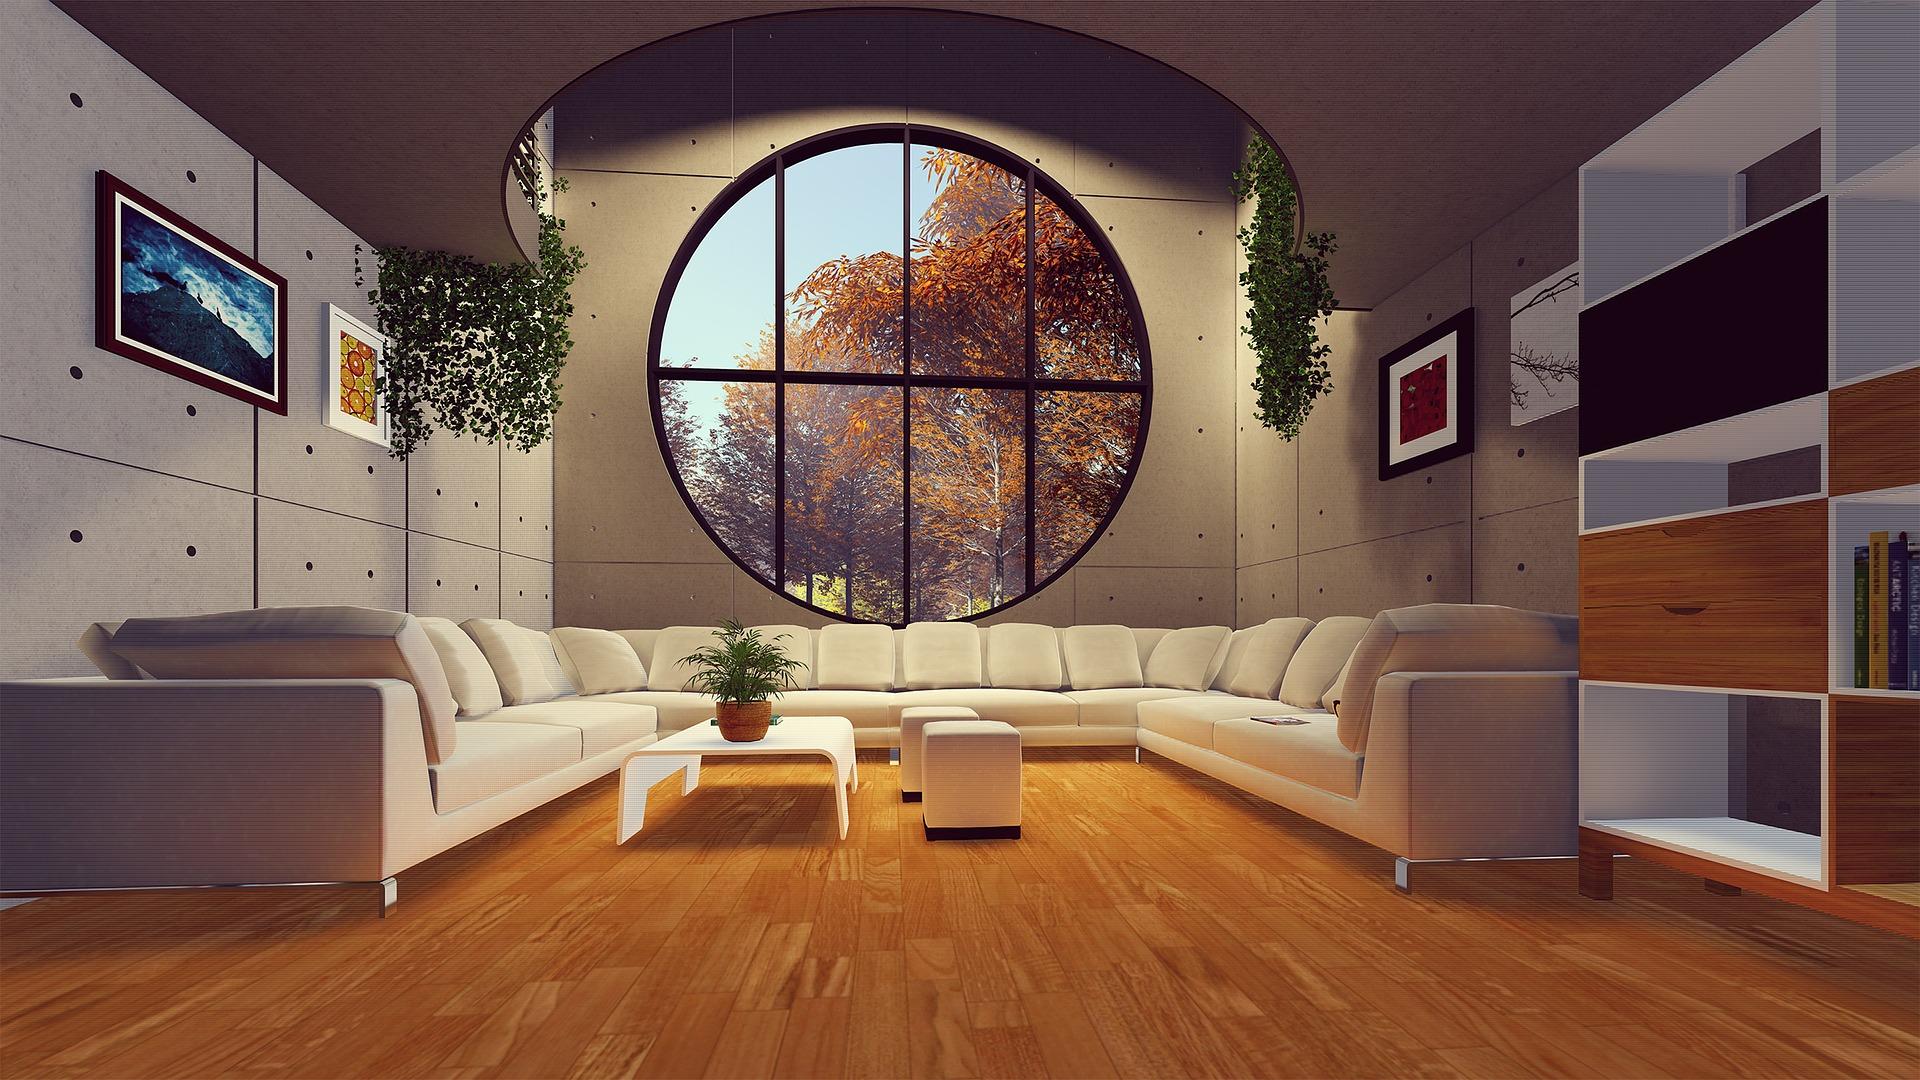 意式极简沙发 - 选购客厅沙发前的考虑6大要素